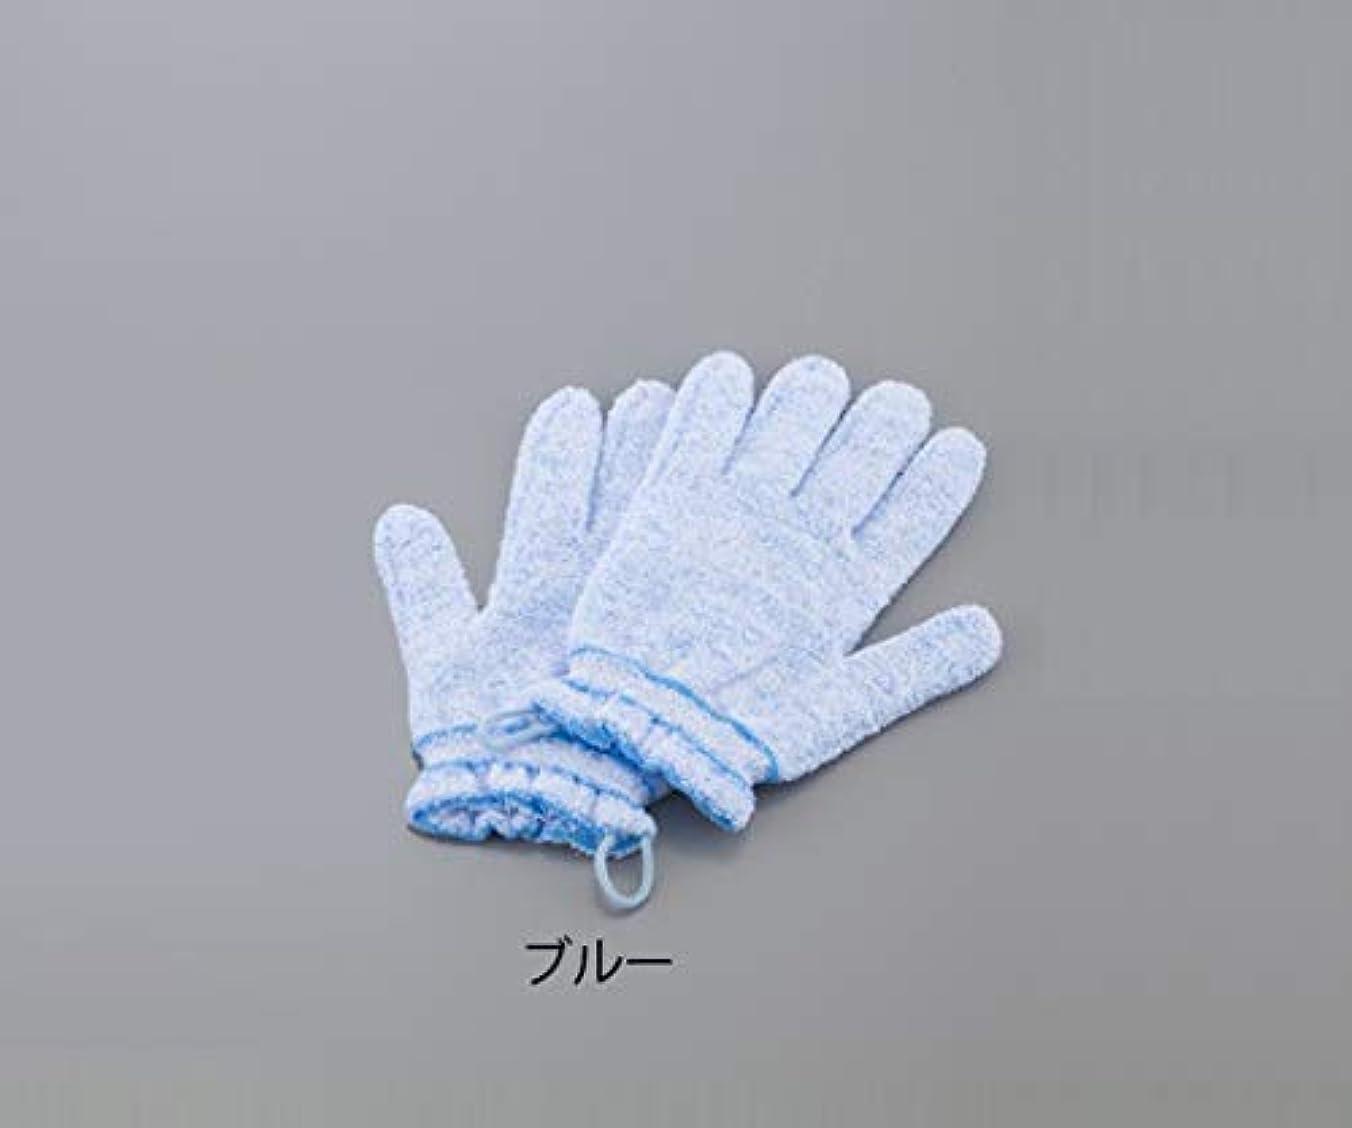 肥料タック中に0-4015-02浴用手袋(やさしい手)ブルー